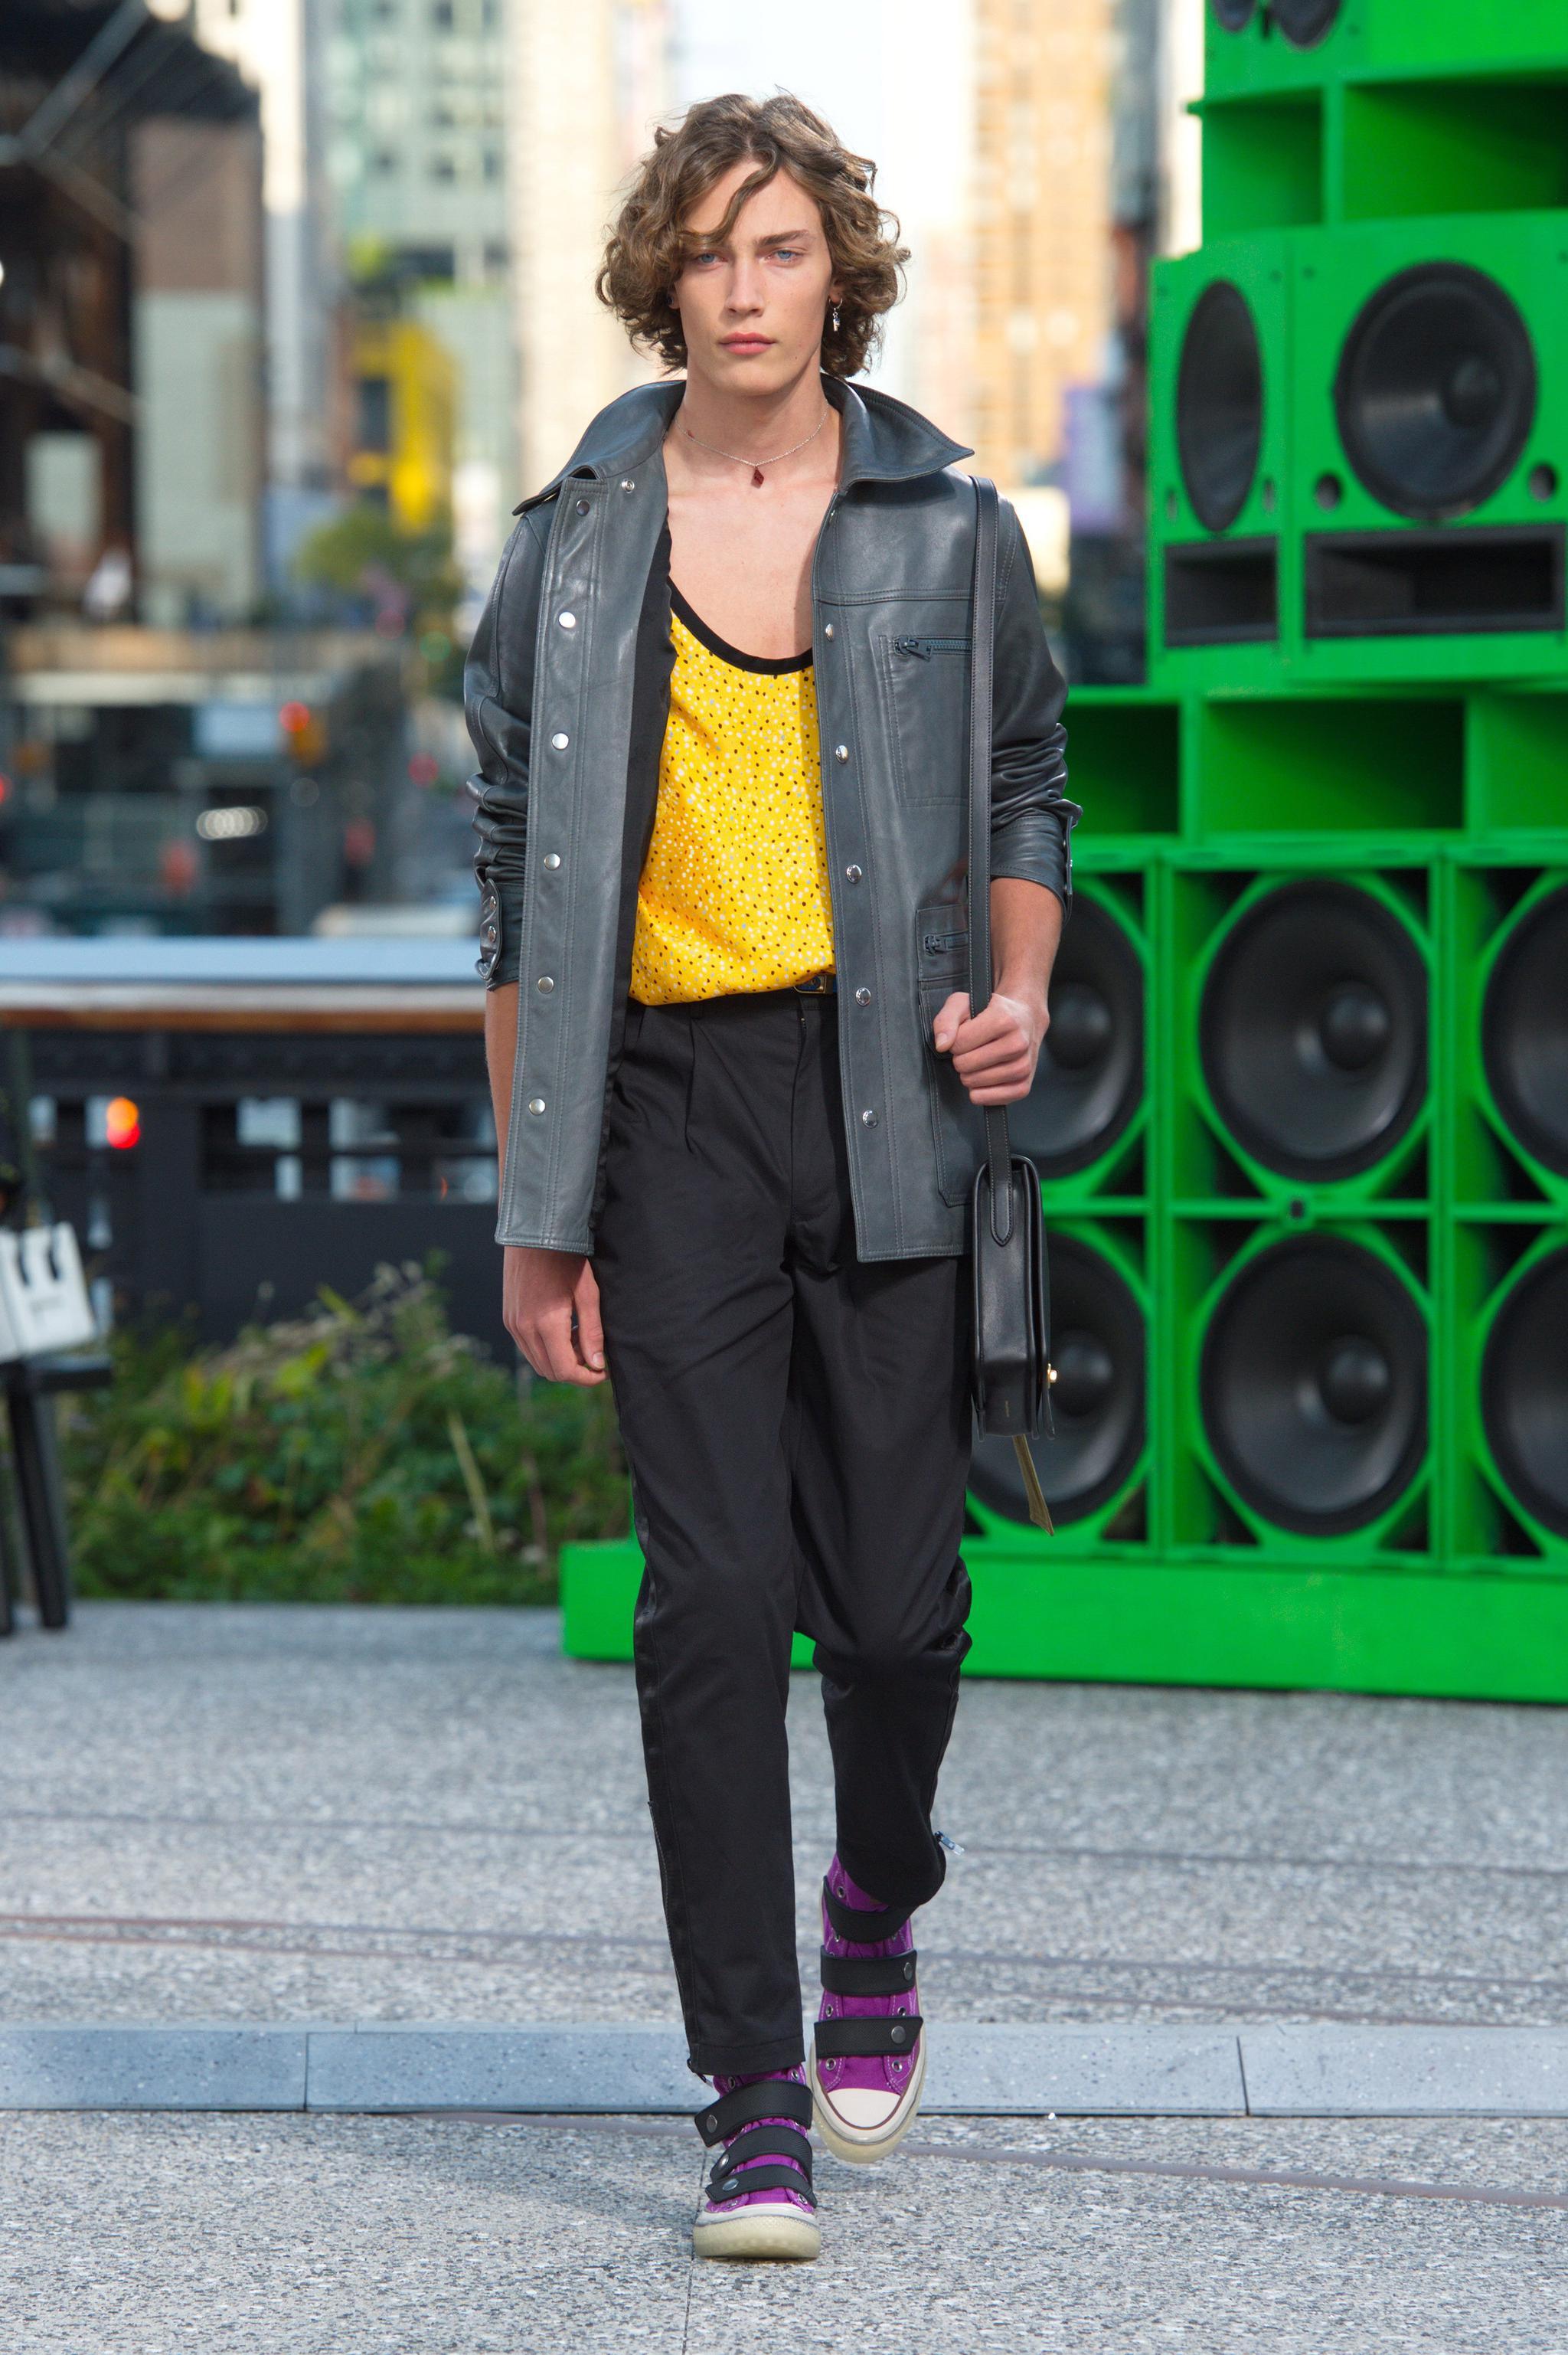 9月10日,@Coach蔻驰 在纽约推出了2020全新春夏高级服饰系列